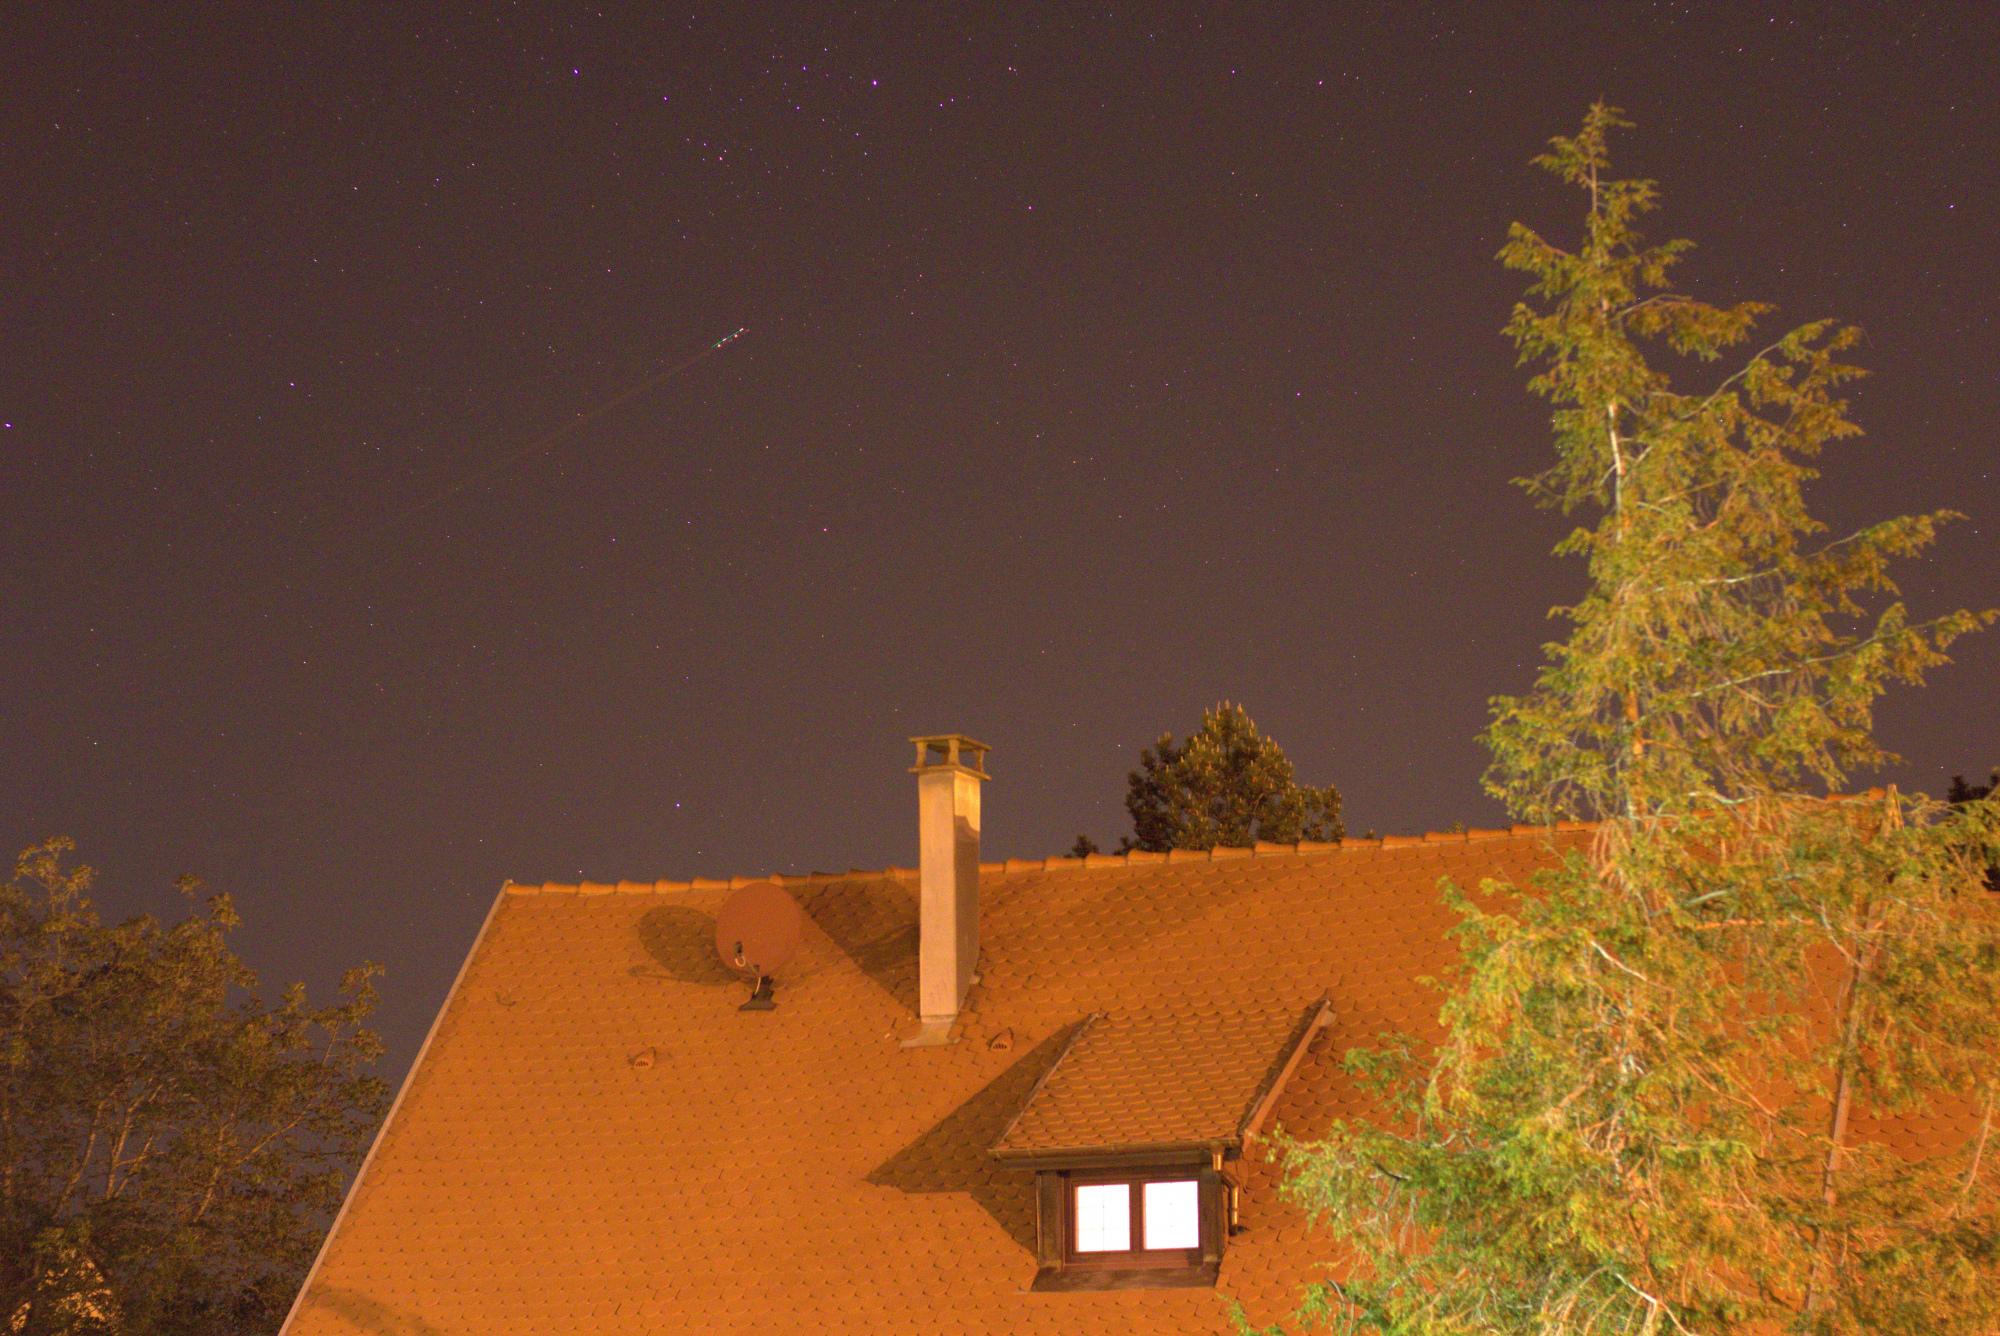 LIGHT_2s_3200iso_f2-8_20200423-23h12m04s373ms.jpg